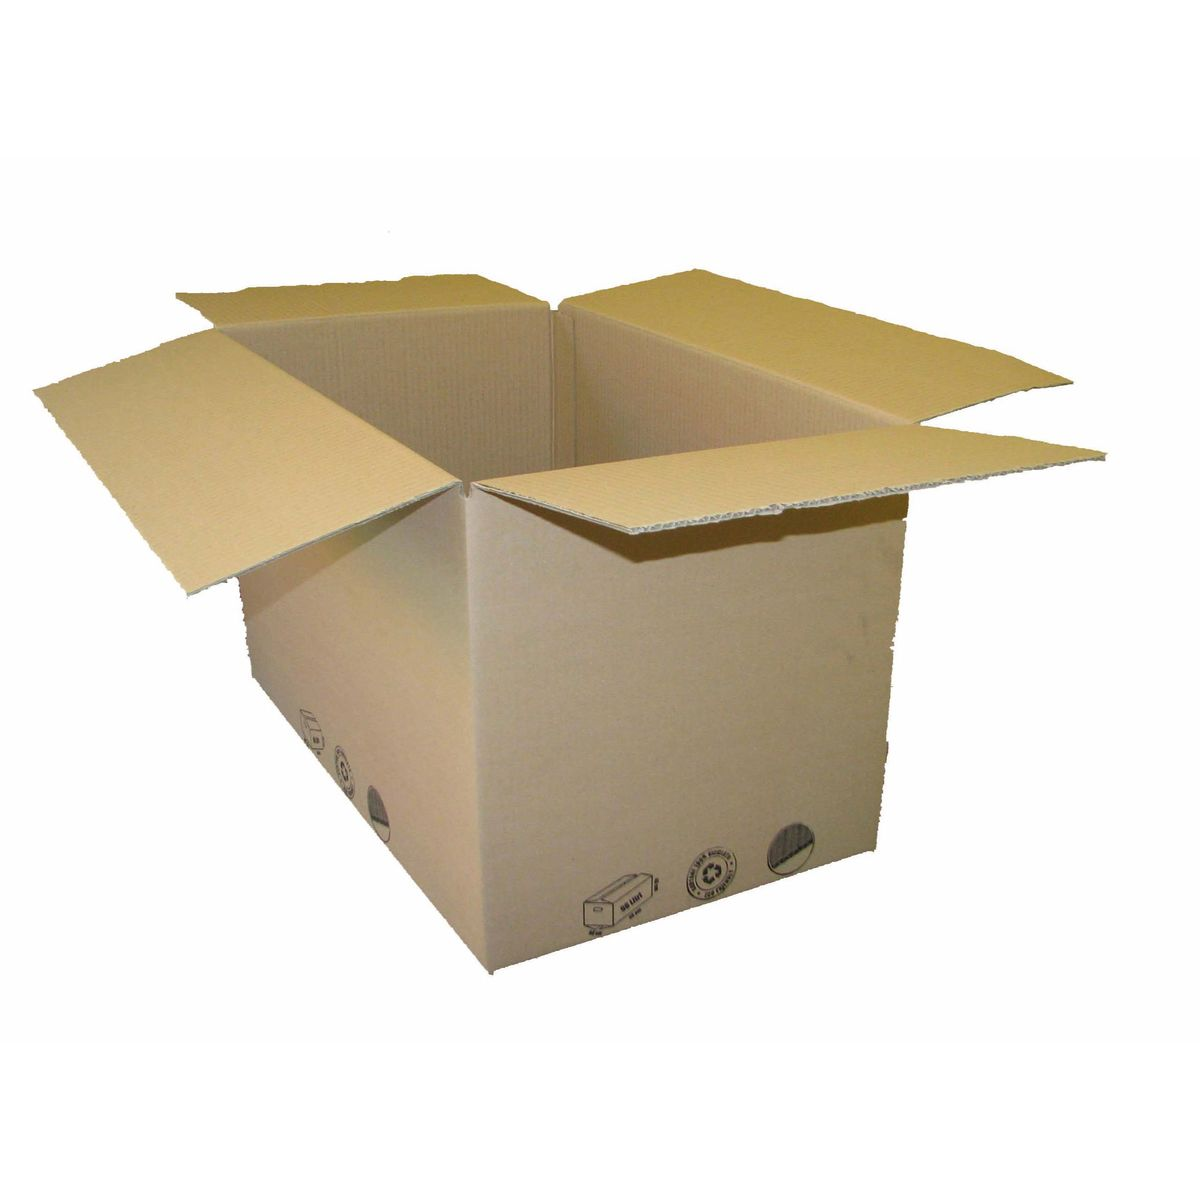 Scatole di cartone colorate with scatole di cartone colorate for Scatole per armadi leroy merlin